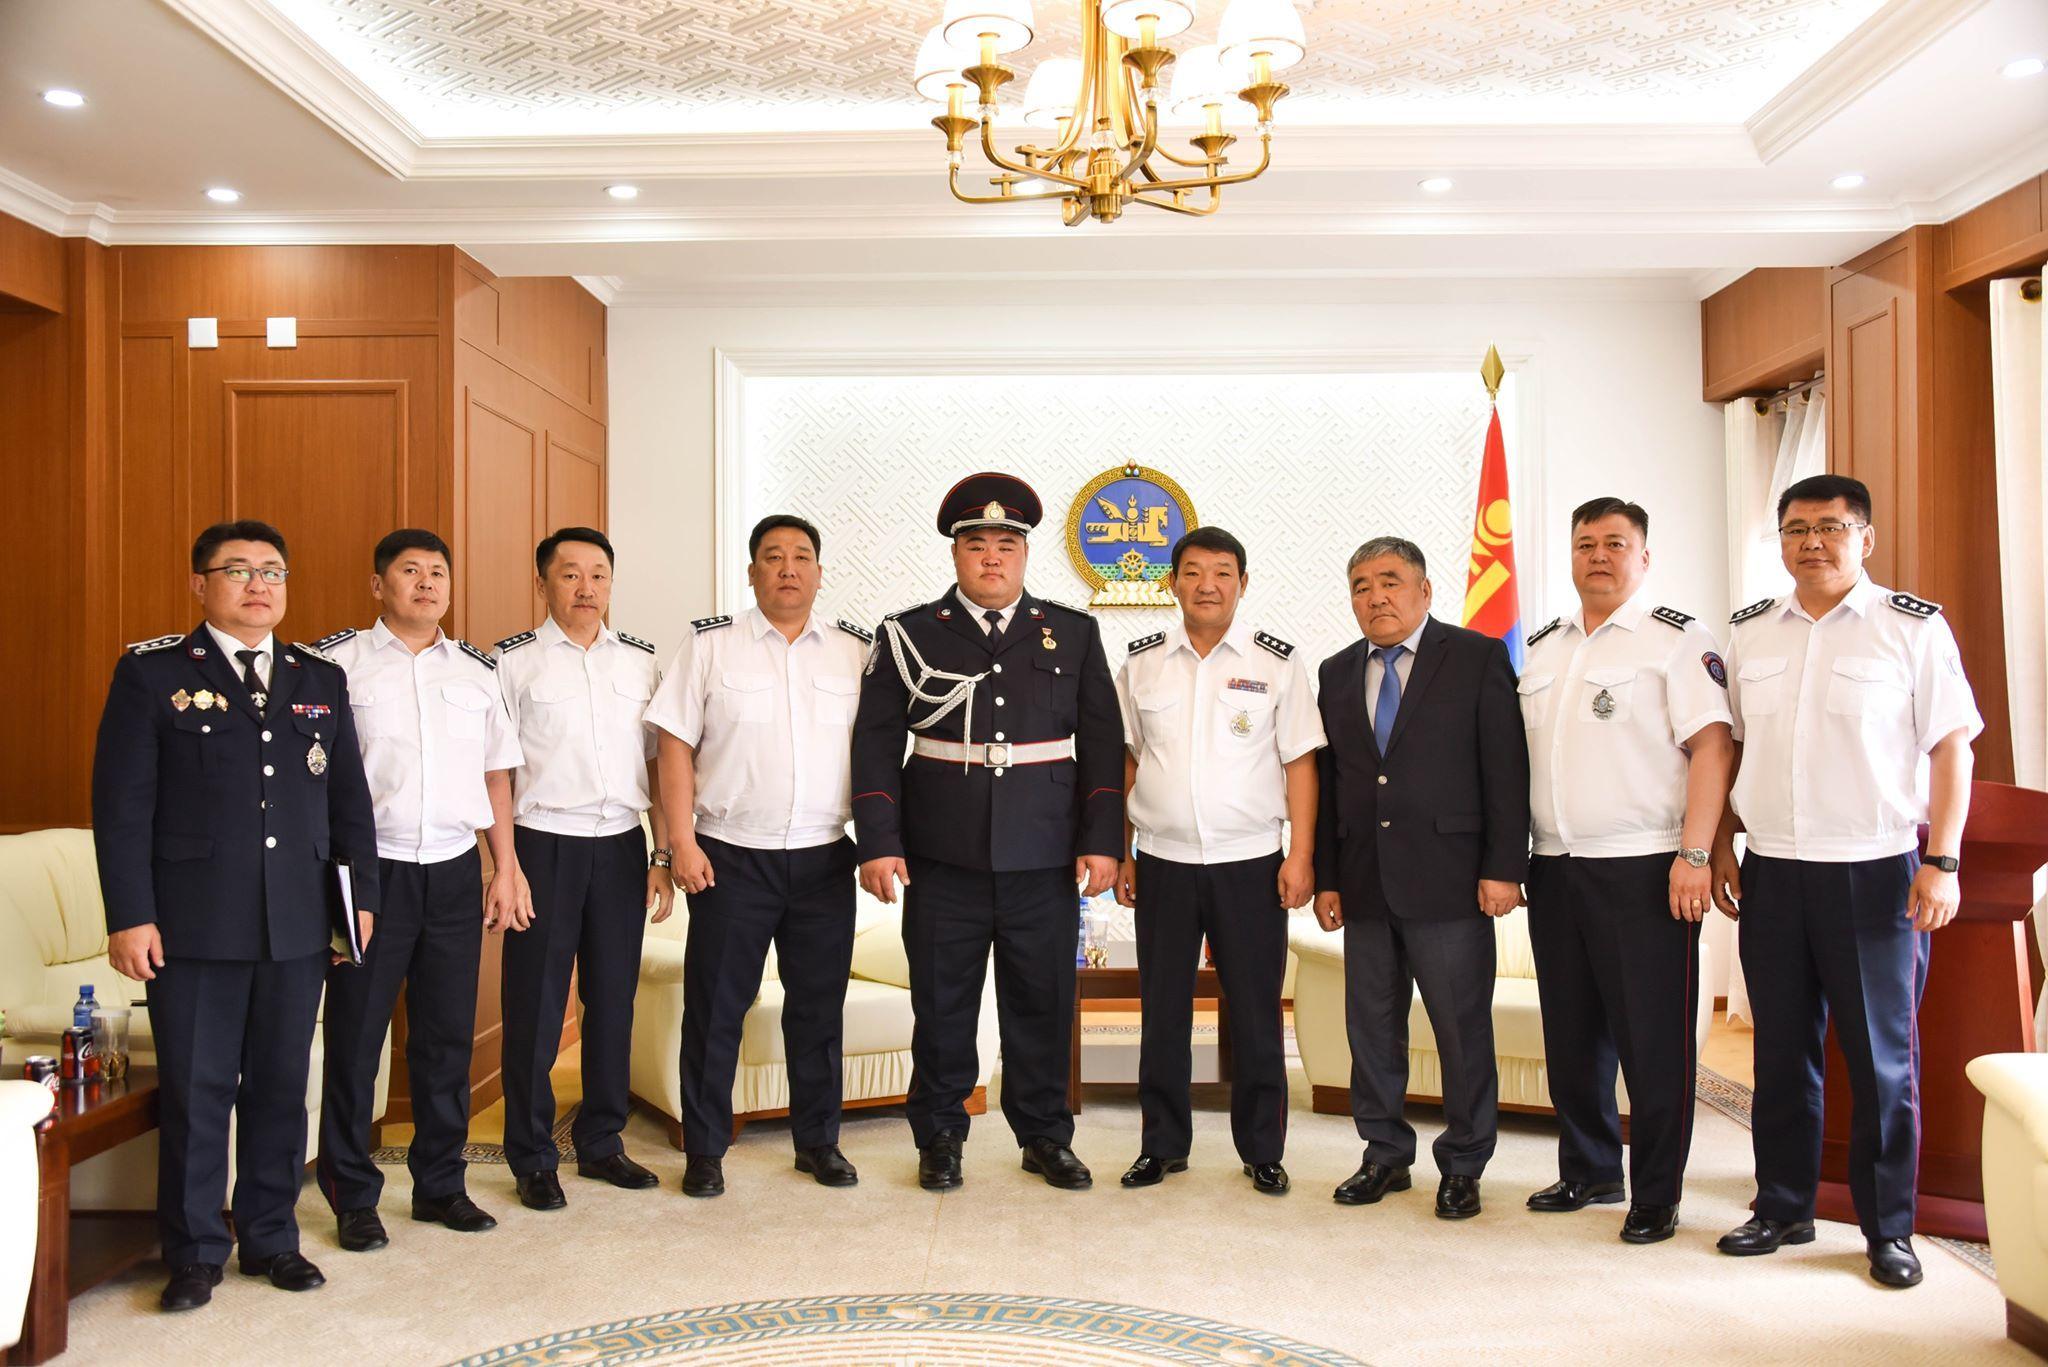 66897744_483093805776813_5803101854619402240_n Монгол улсын аварга, цагдаагийн дэд хурандаа Э.Оюунболдод ЦЕГ-ын удирдлагууд хүндэтгэл үзүүллээ